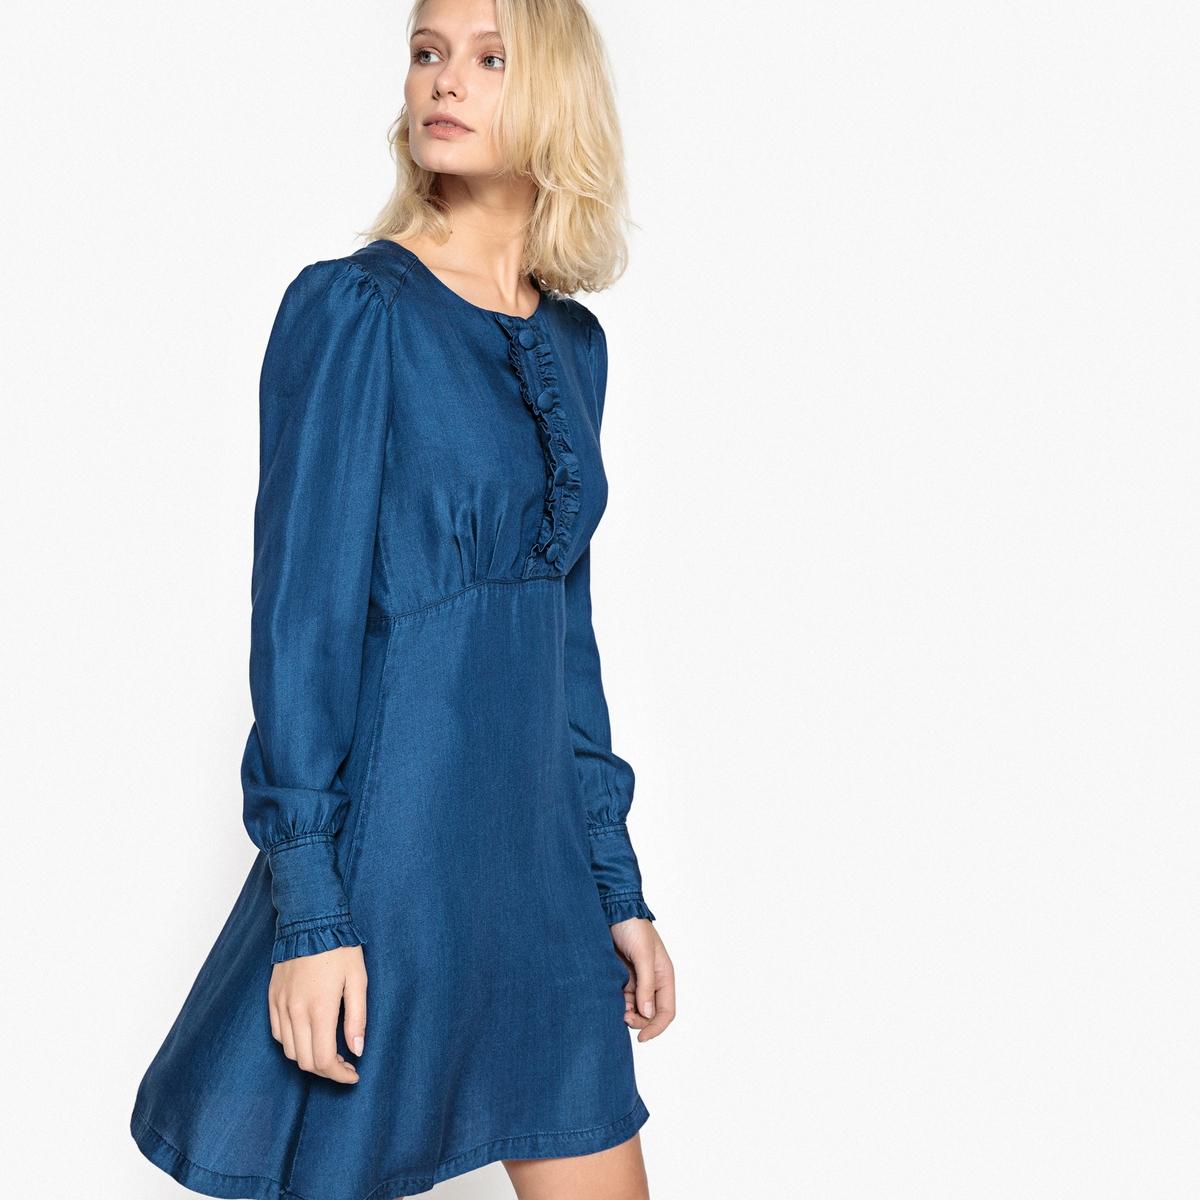 Платье из денима с застежкой на пуговицы и воланами спереди